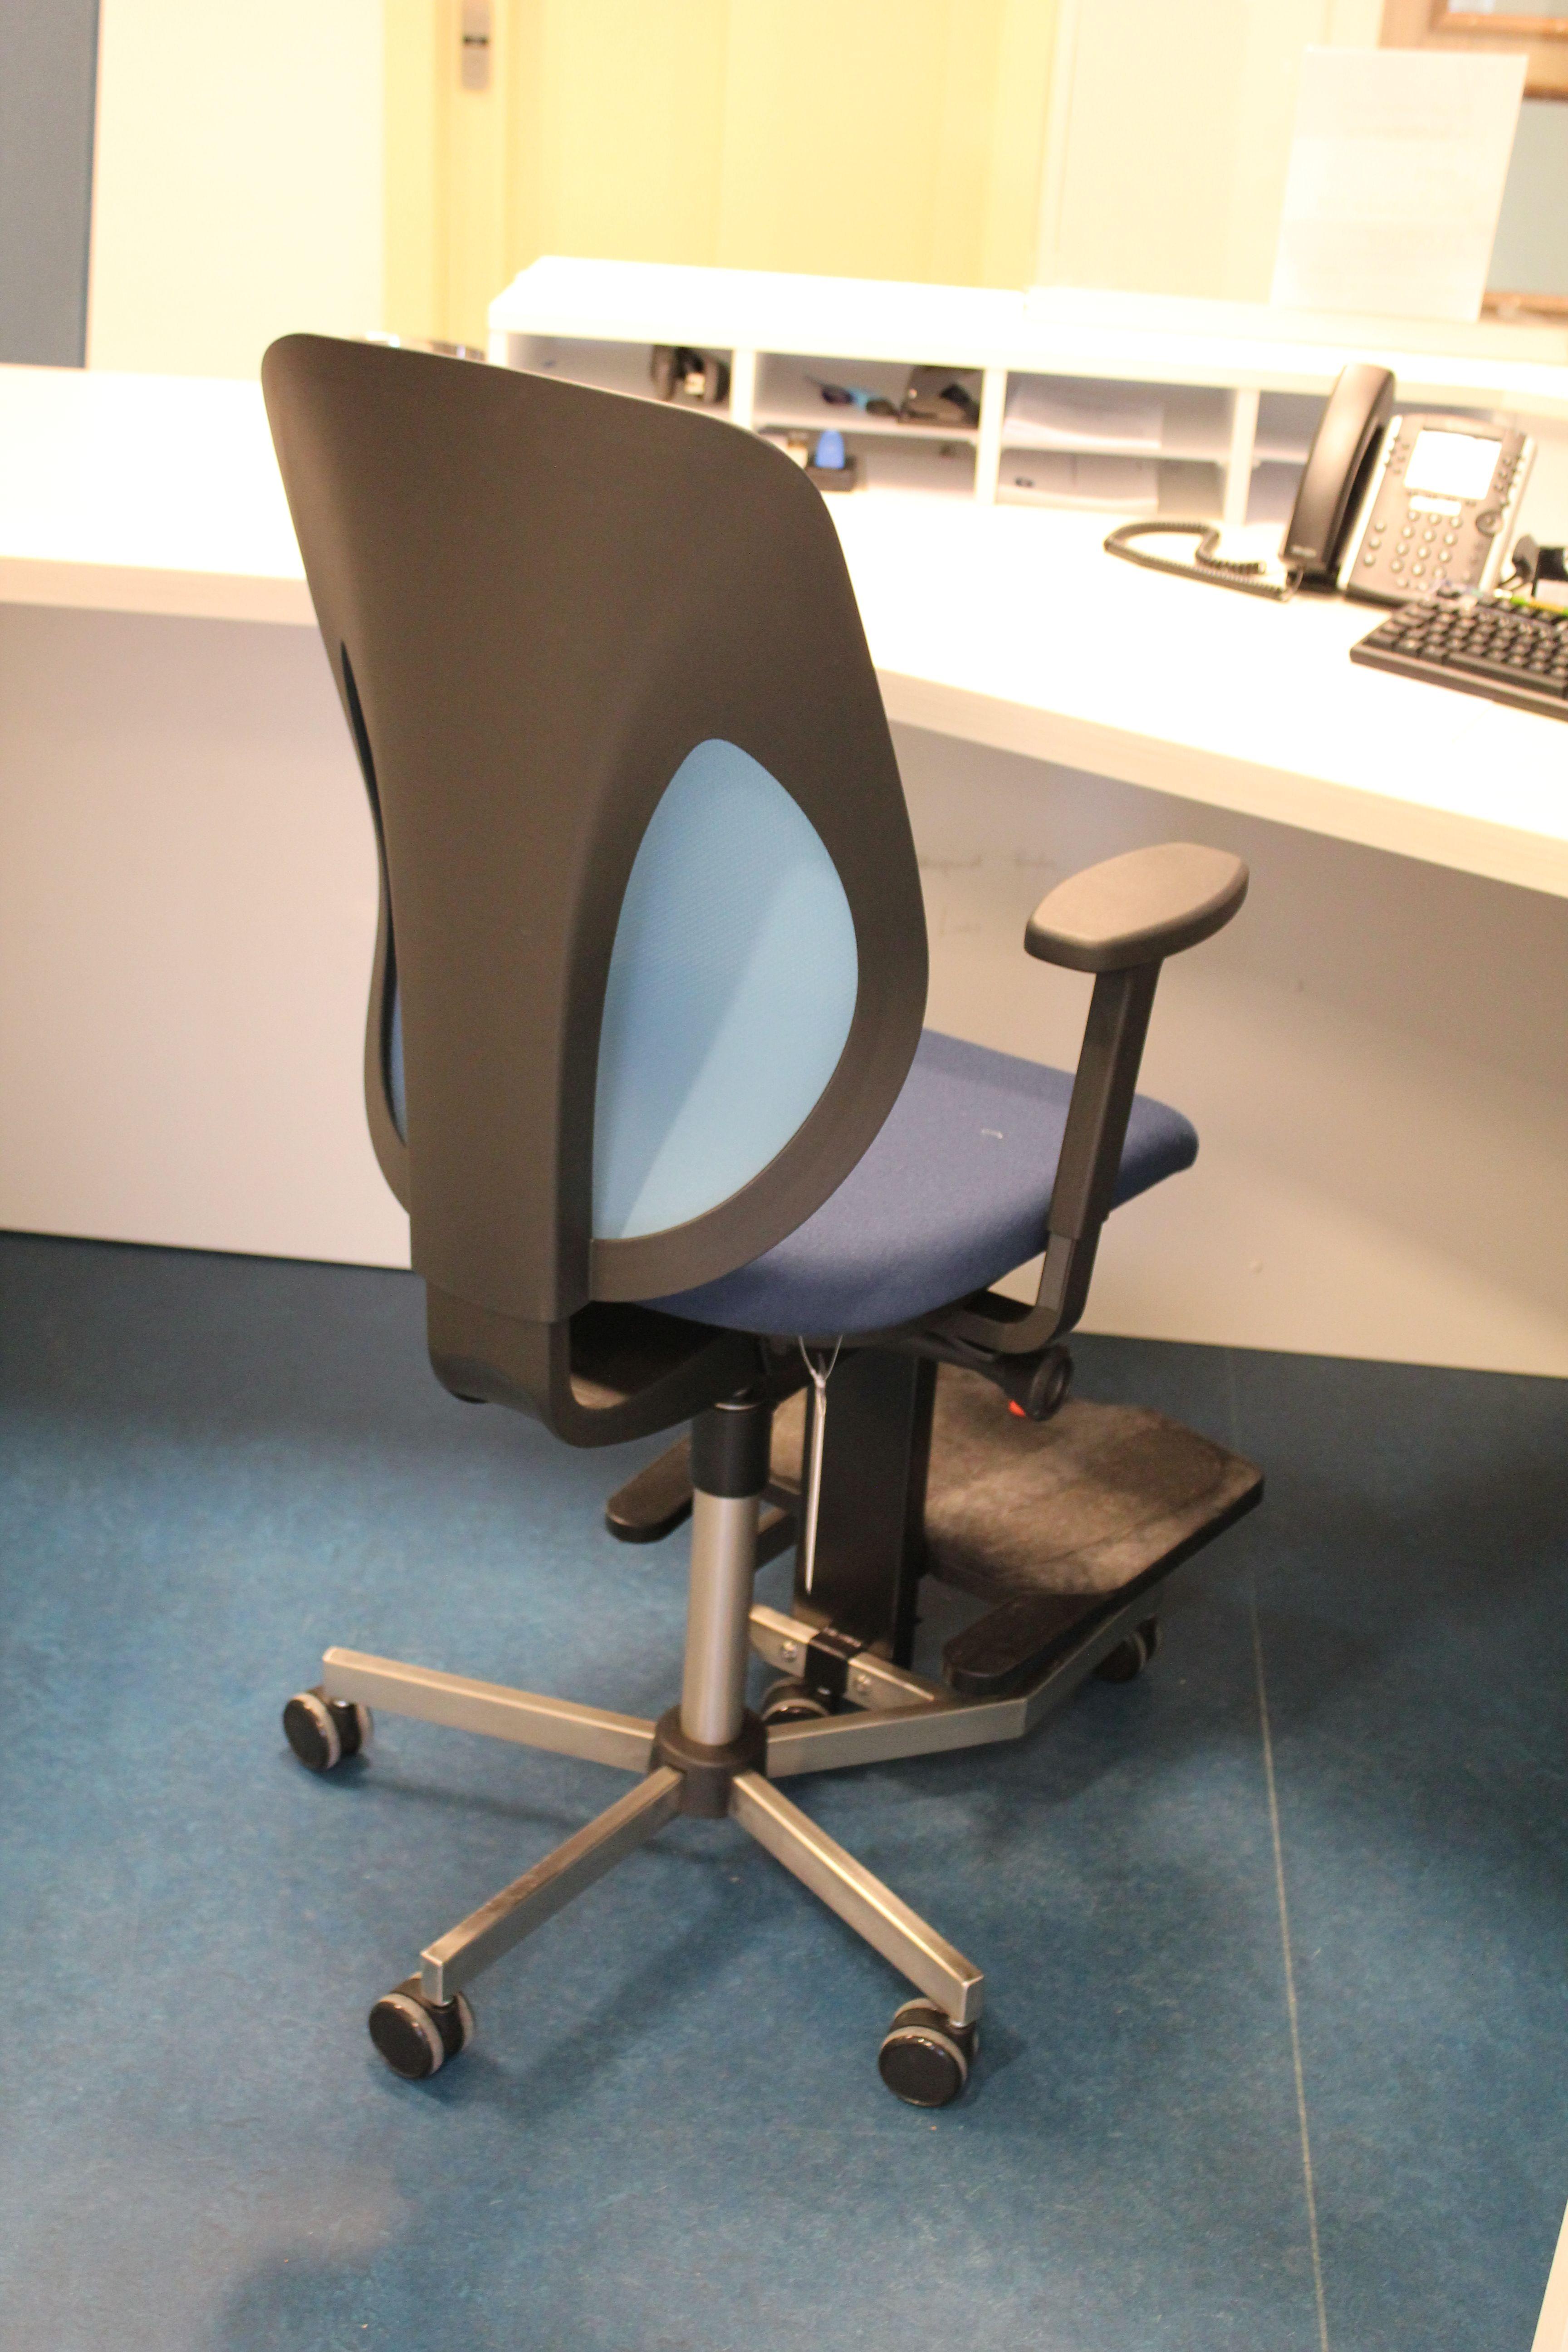 Bureaustoel Met Voetsteun.Verhoogde Giroflex Bureaustoel Met Voetensteun